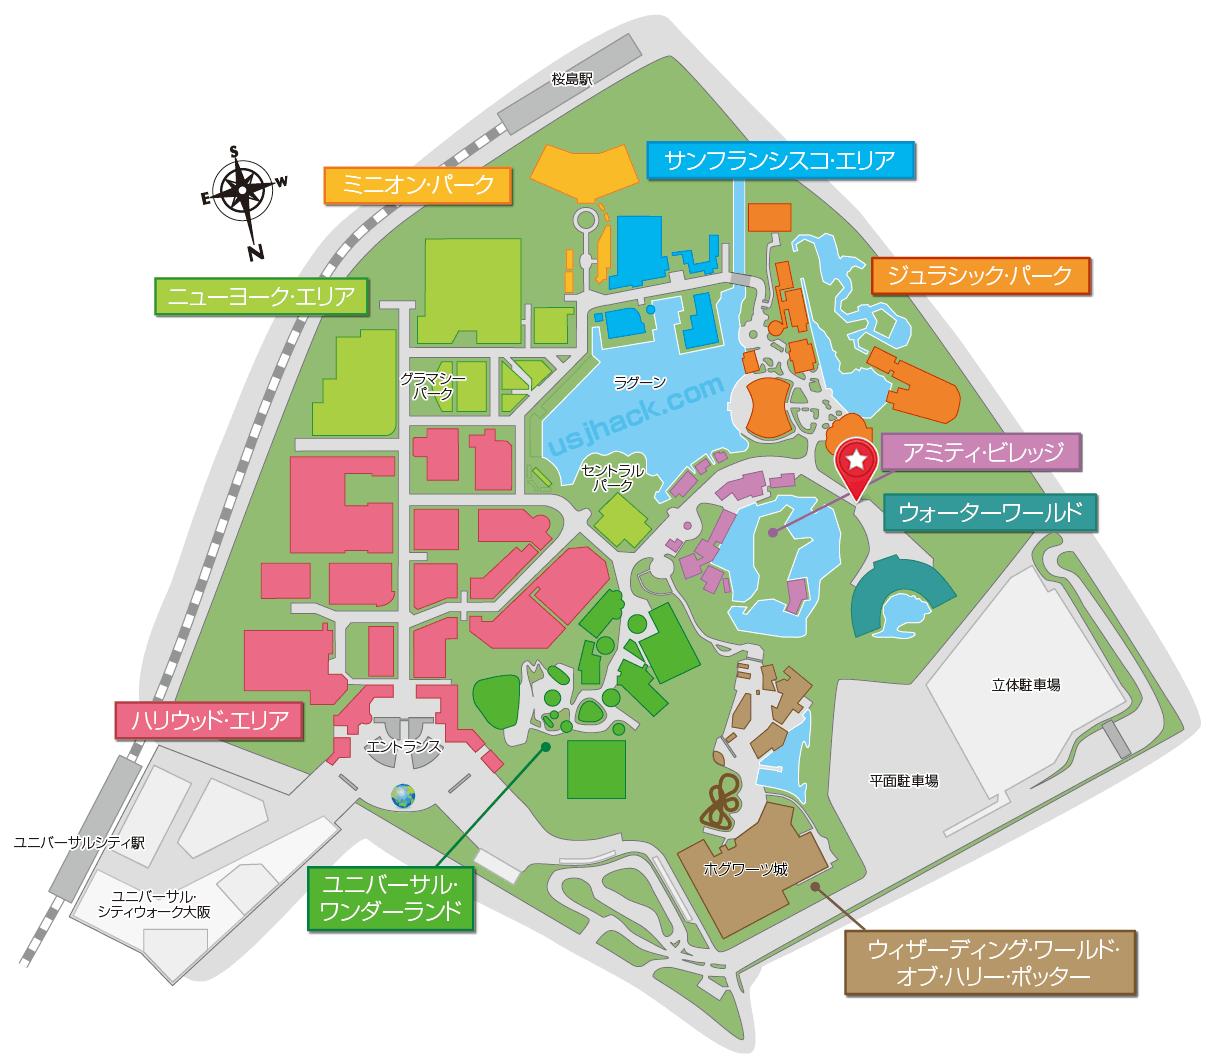 マップで見る「ワンピースウォーターバトル」の開催場所